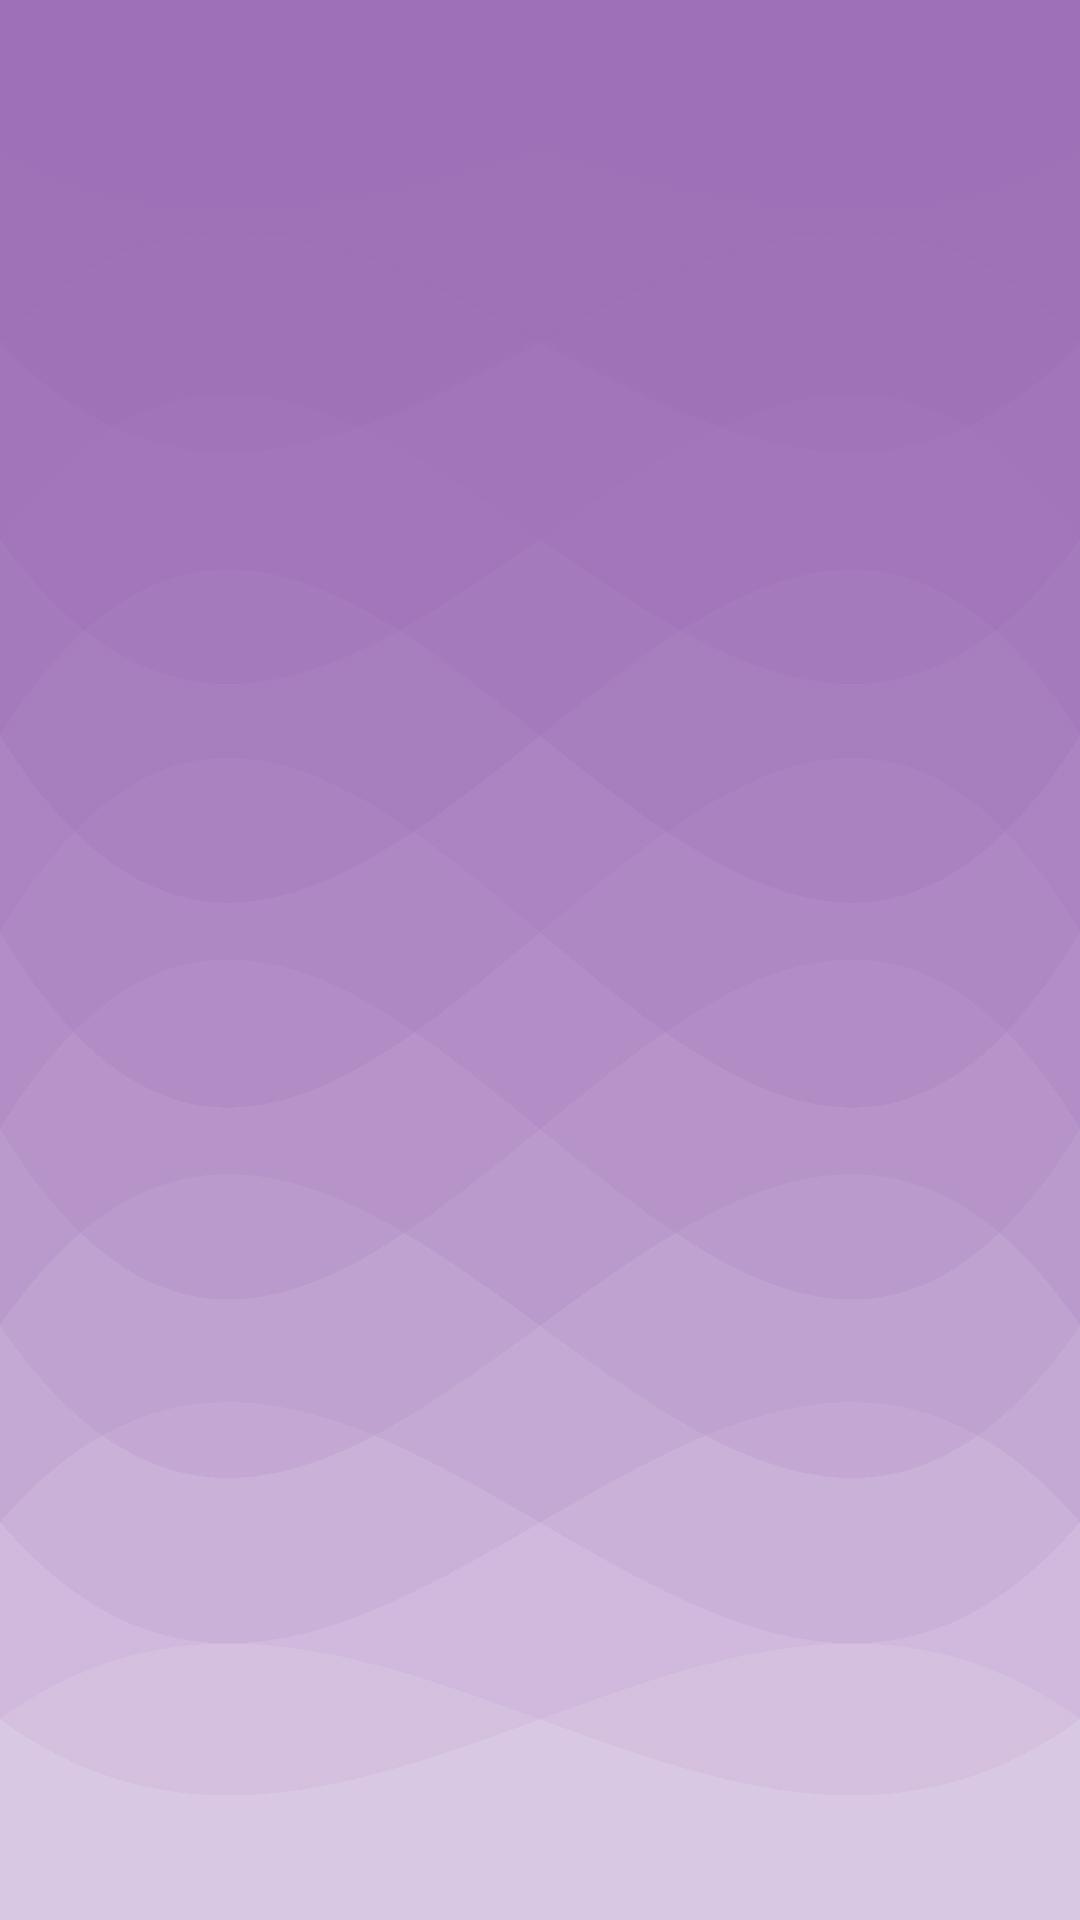 Download 9900 Koleksi Background Gradasi Hijau Putih - Gradasi Warna Ungu  Putih - 1080x1920 - Download HD Wallpaper - WallpaperTip